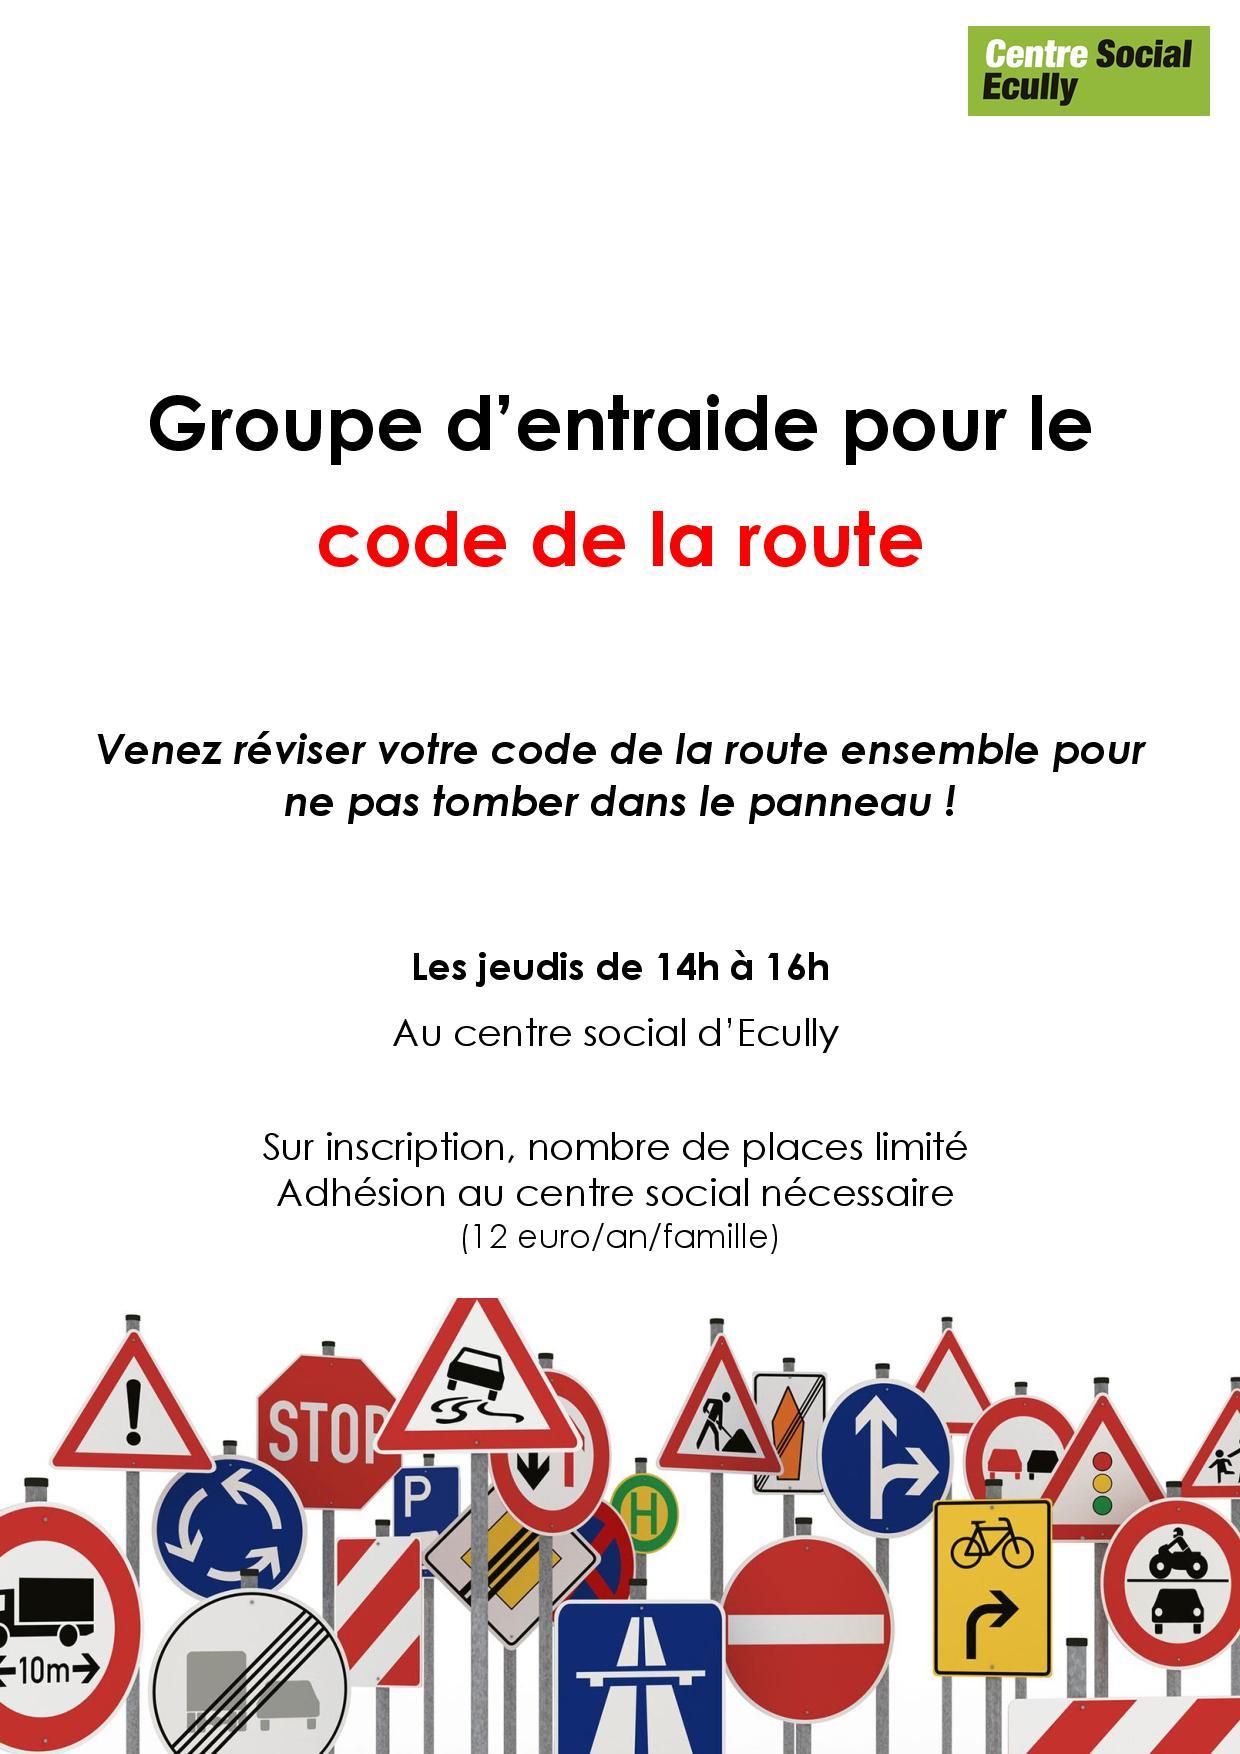 Vous avez le projet de passer votre permis de conduire, rejoignez le groupe d'entraide de préparation au code de la route !